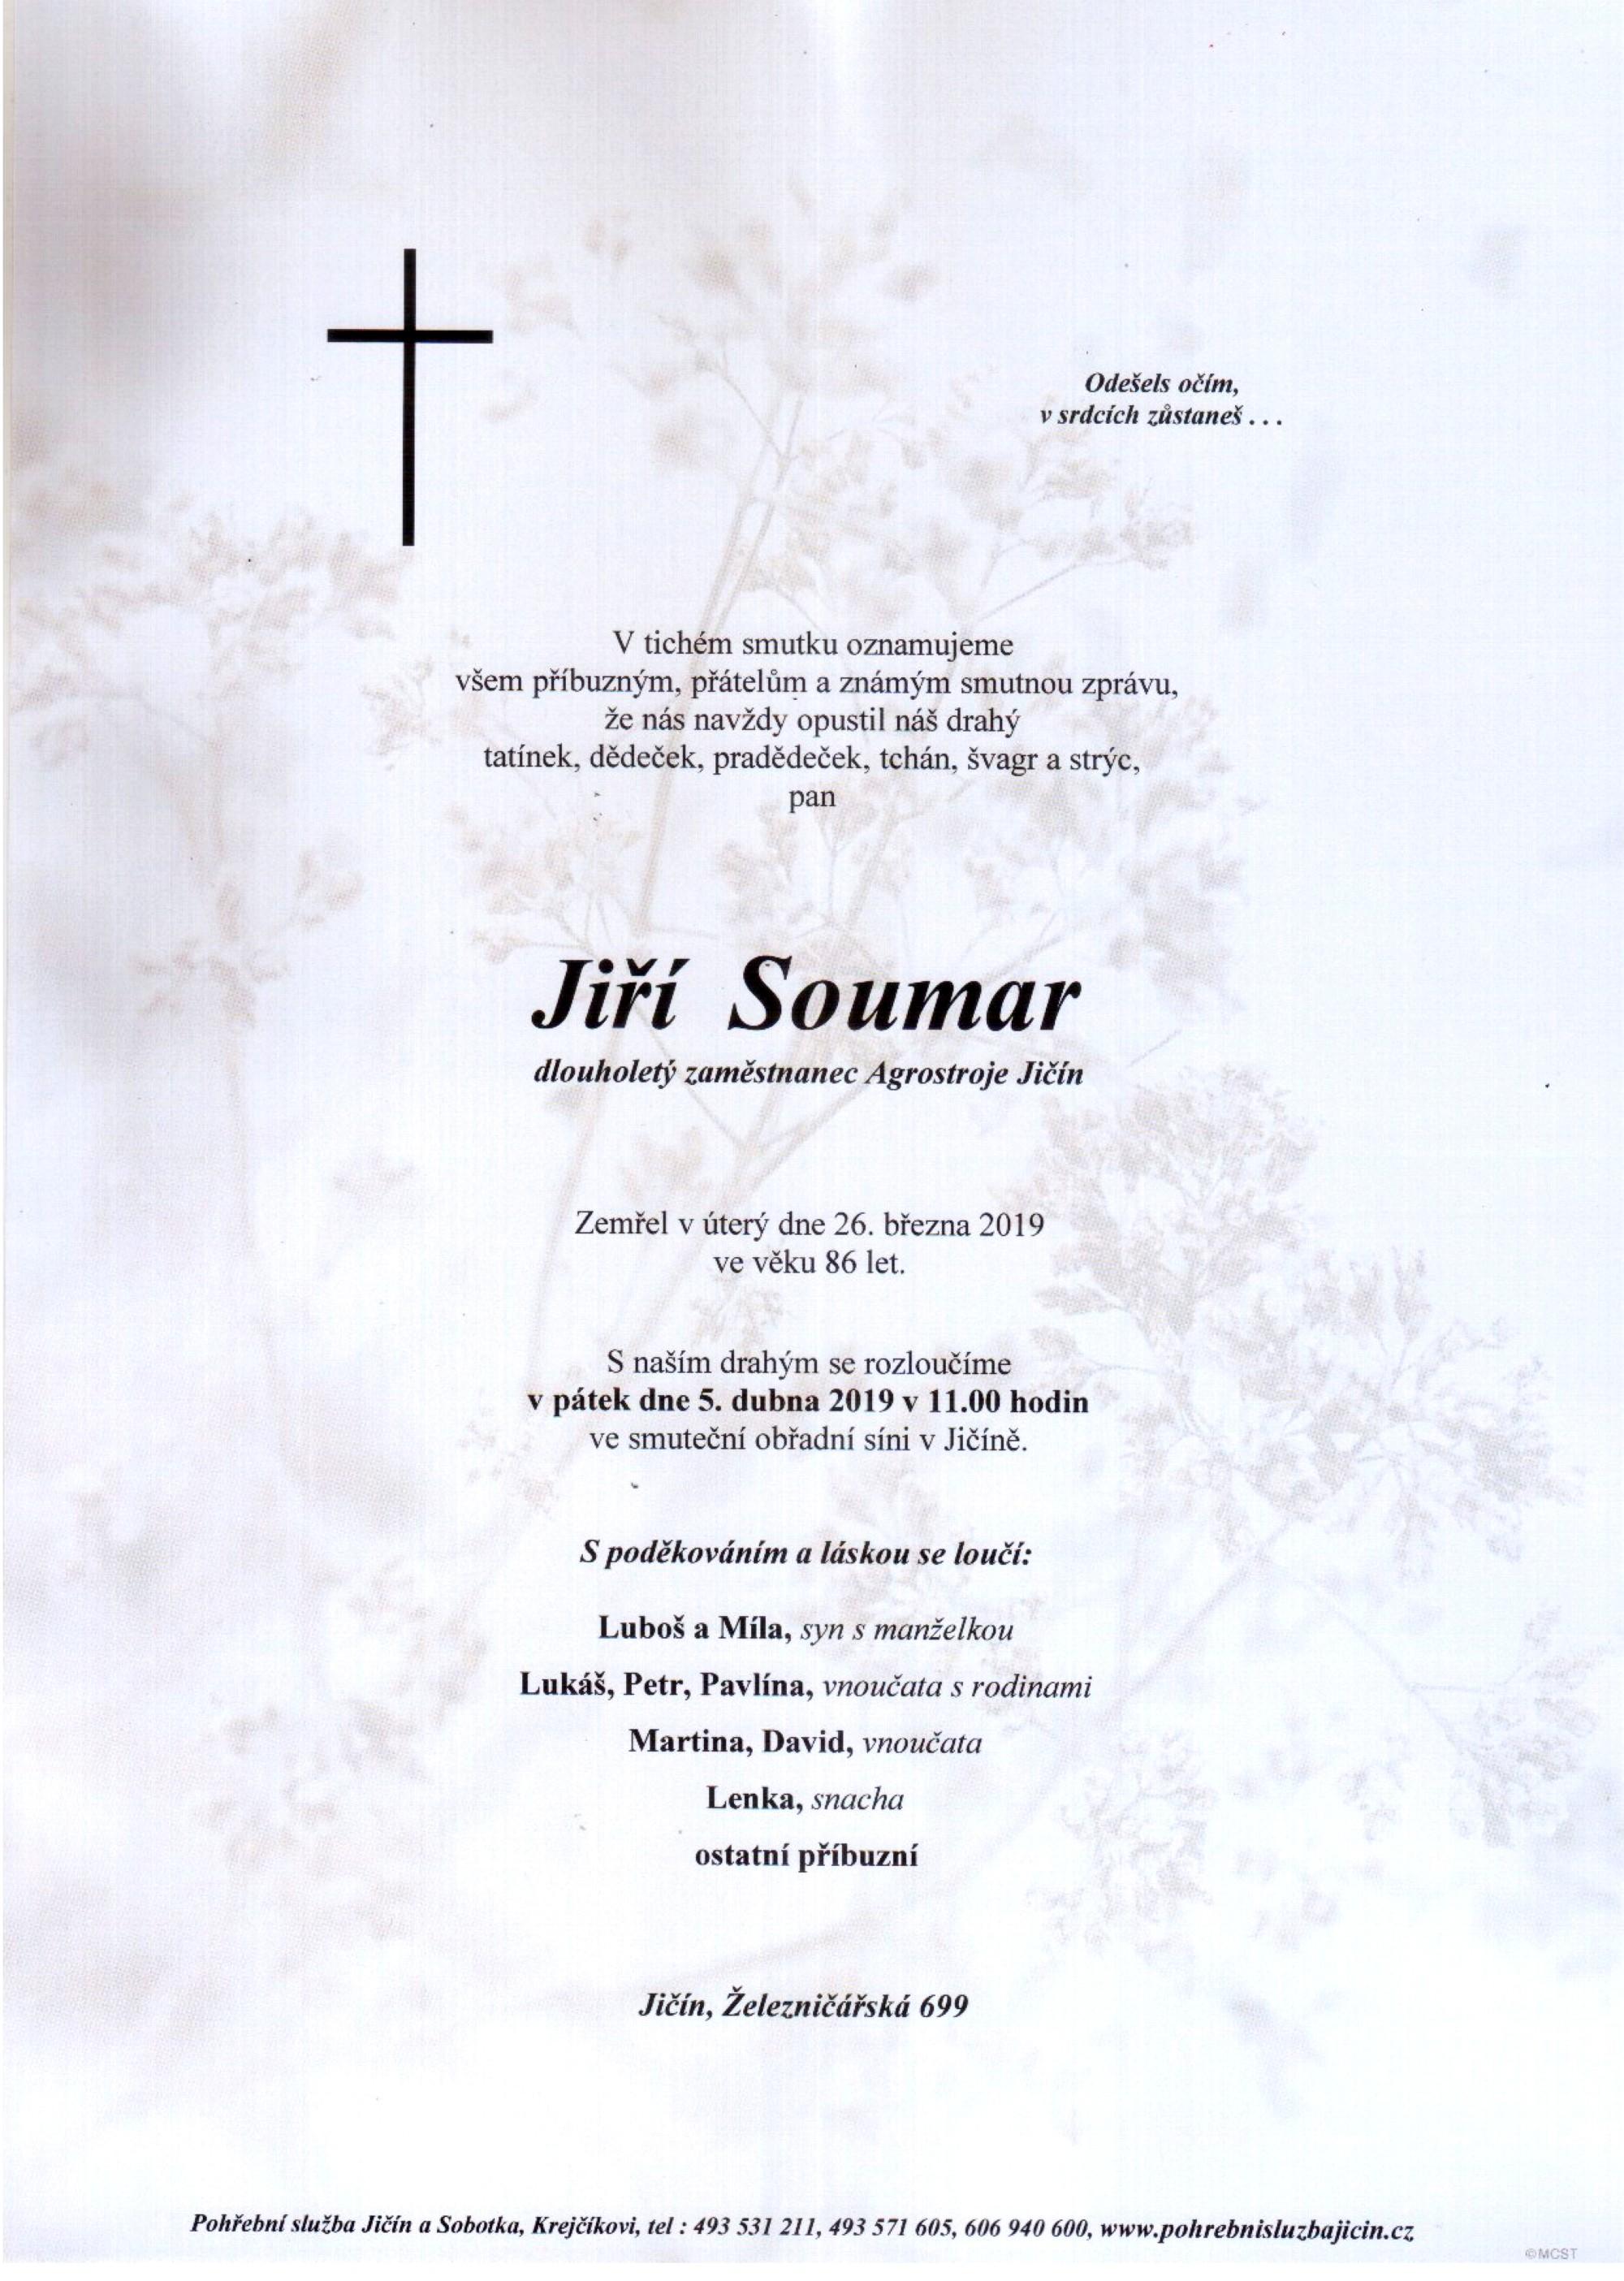 Jiří Soumar